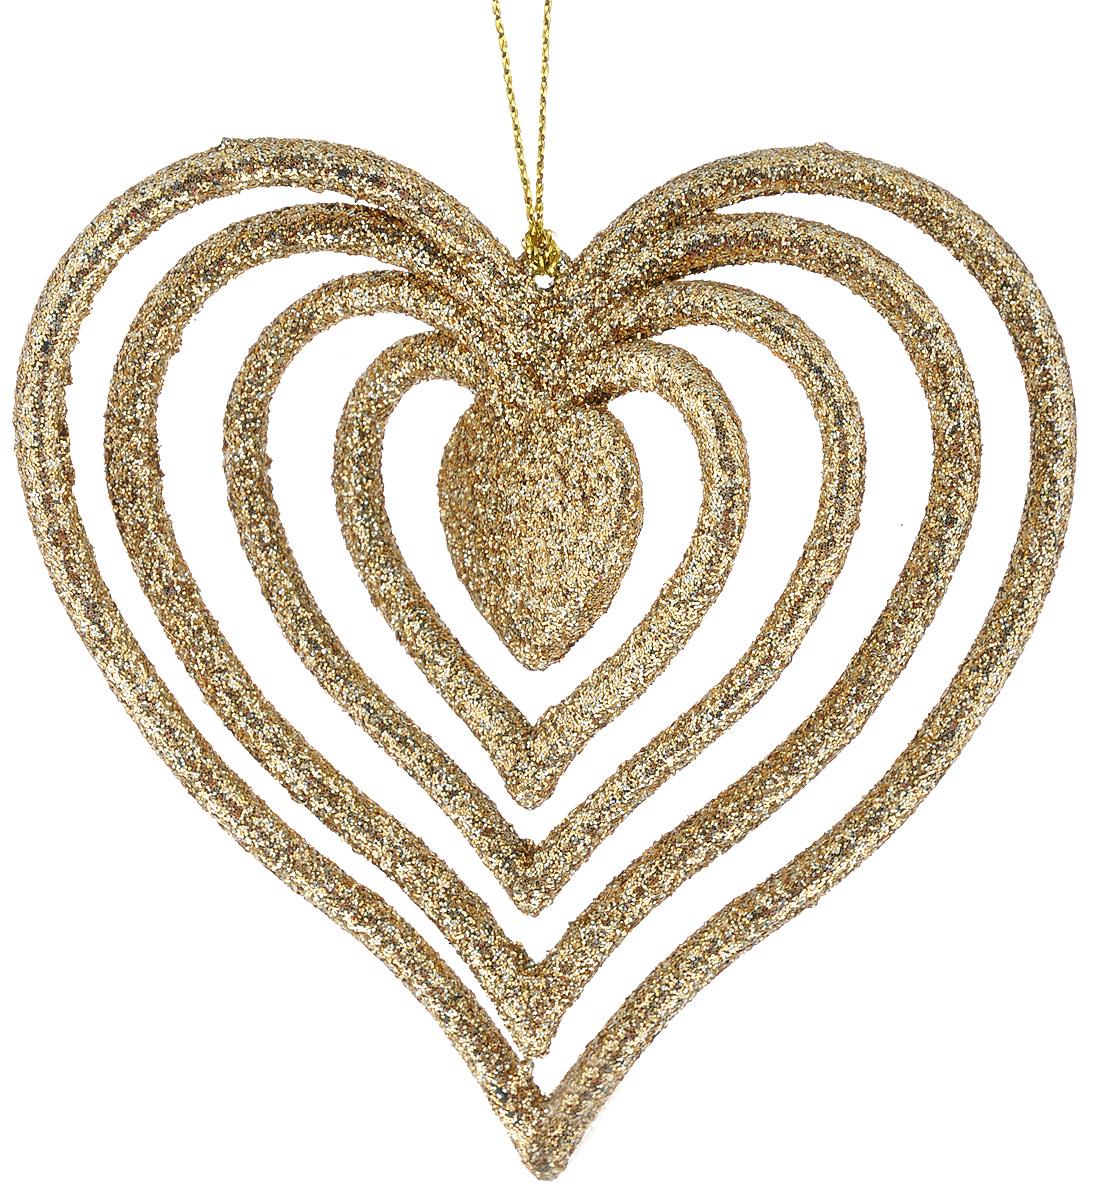 Новогоднее подвесное украшение Феникс-Презент Сердце38742Новогоднее украшение Феникс-Презент Сердце изготовлено извысококачественного пластика и декорировано блестками. Изделие прекрасноподойдет для праздничного декора дома и новогодней ели. С помощью специальной текстильной петельки его можно повесить в любом понравившемся вам месте. Елочная игрушка - символ Нового года. Она несет в себе волшебство и красотупраздника.Создайте в своем доме атмосферу веселья и радости, украшаяновогоднюю елку нарядными игрушками, которые будут из года в год накапливатьтеплоту воспоминаний.